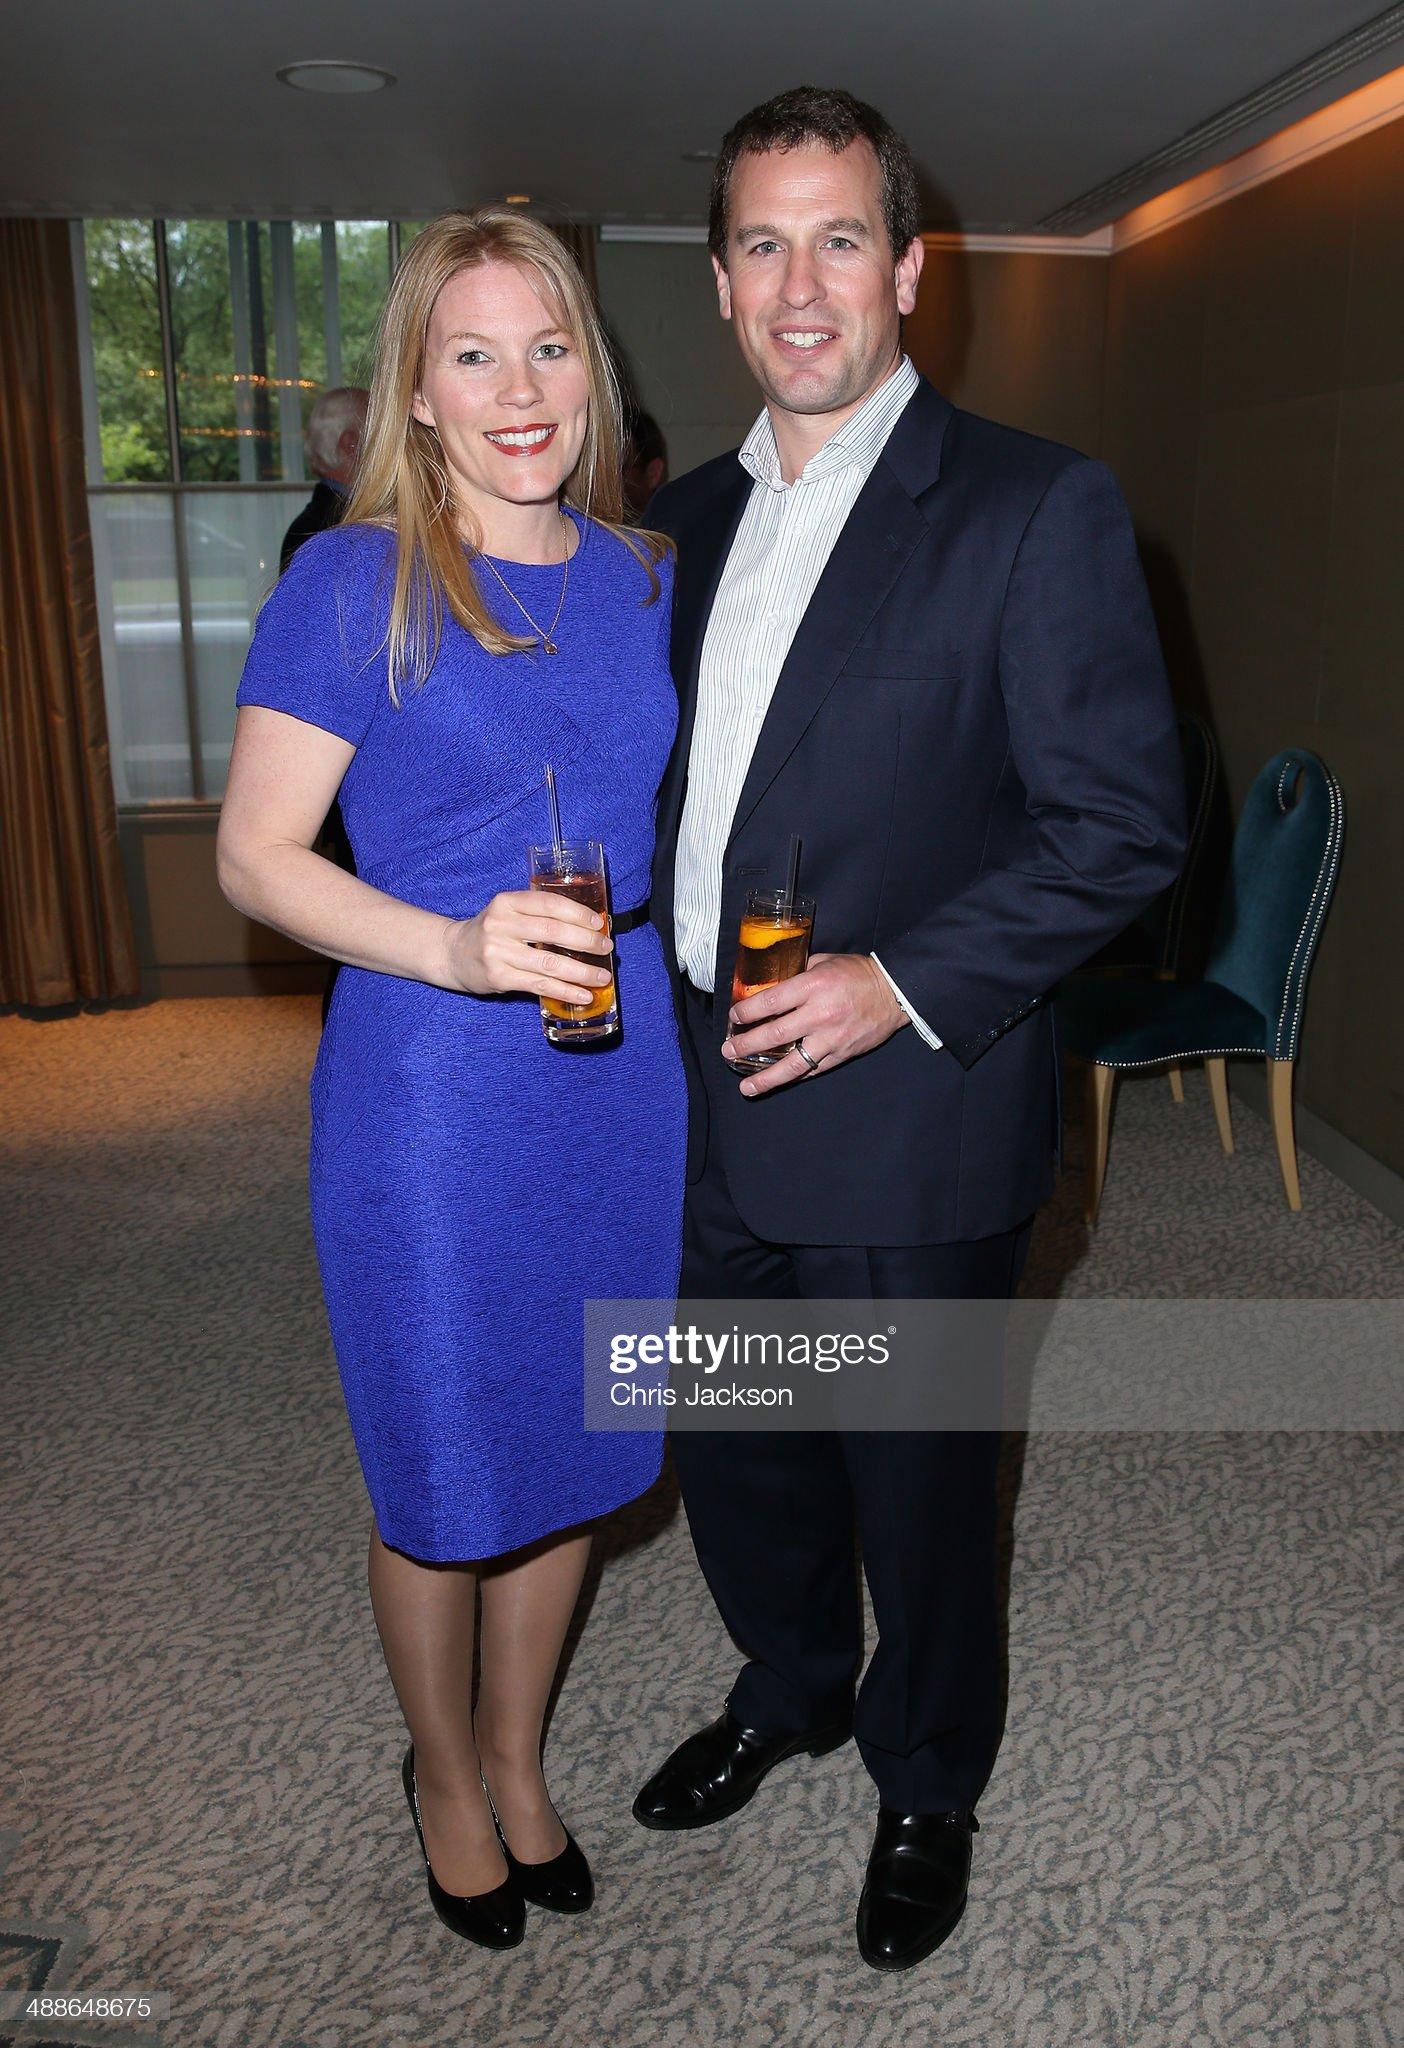 Вечерние наряды Отем пока еще Филлипс и Сары Йоркской Sentebale Summer Party - Inside : News Photo